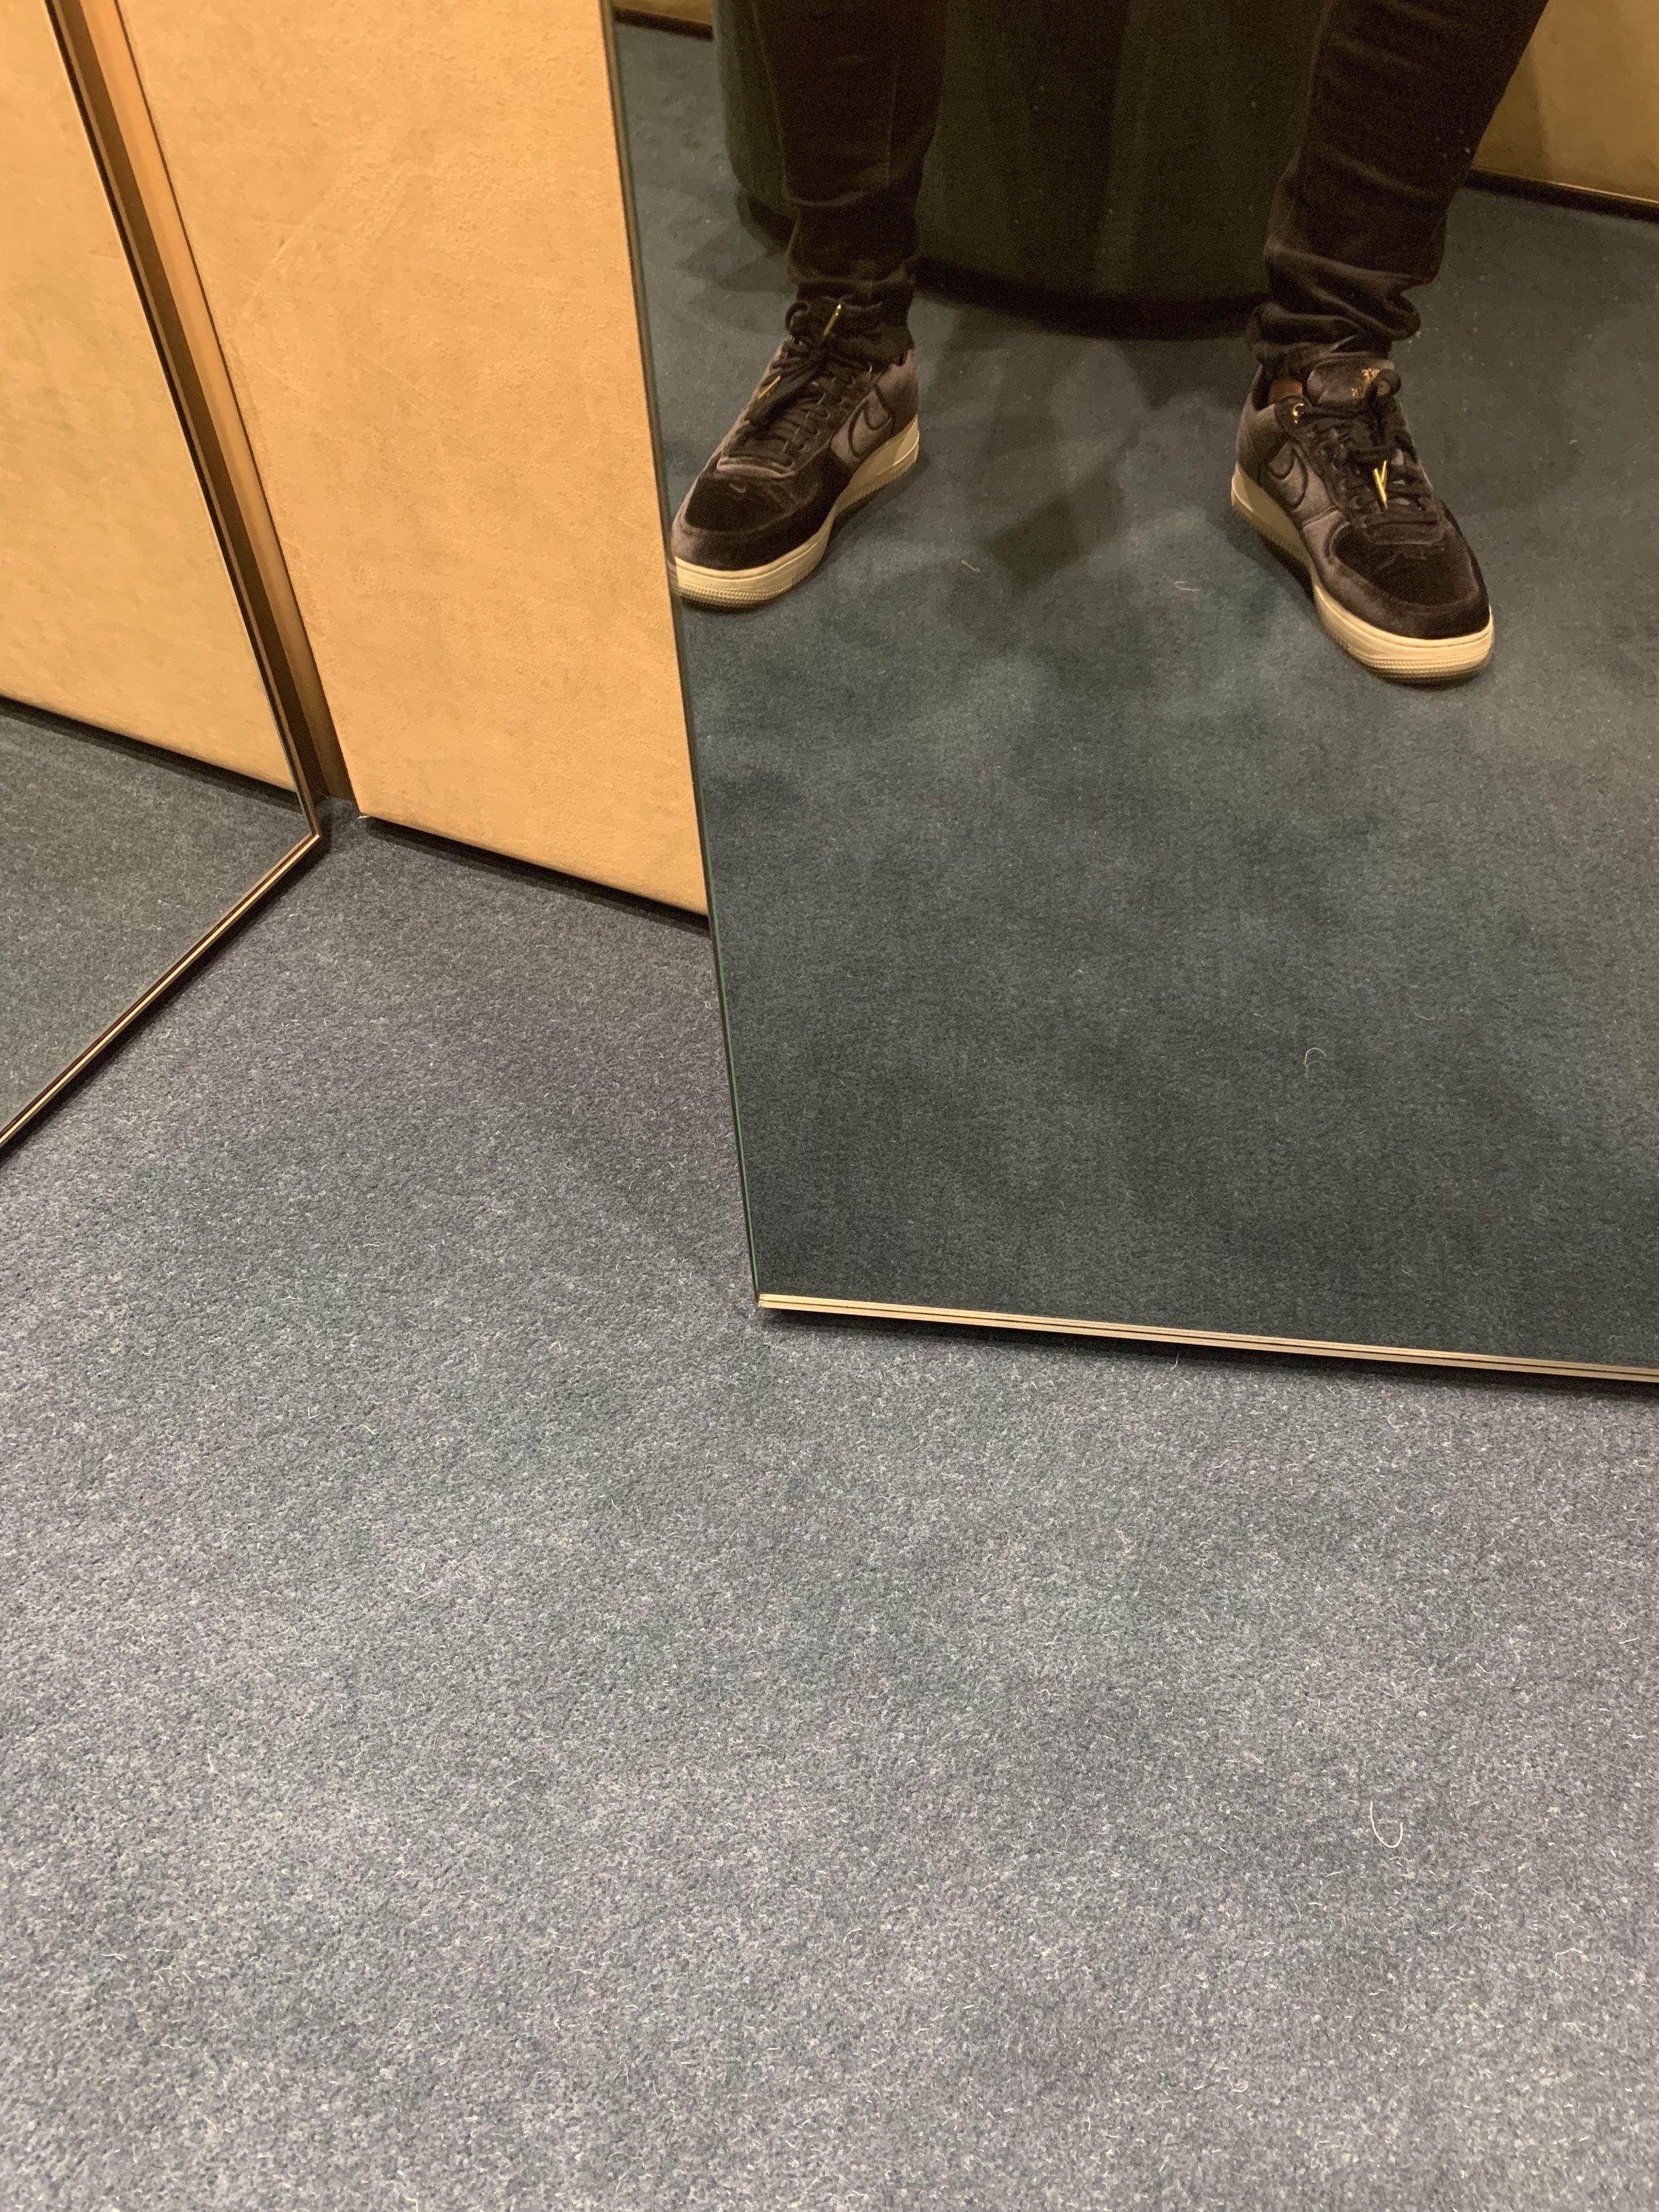 051 Salone del Mobile 2019 Lex de gooijer interiors rotterdam.JPG